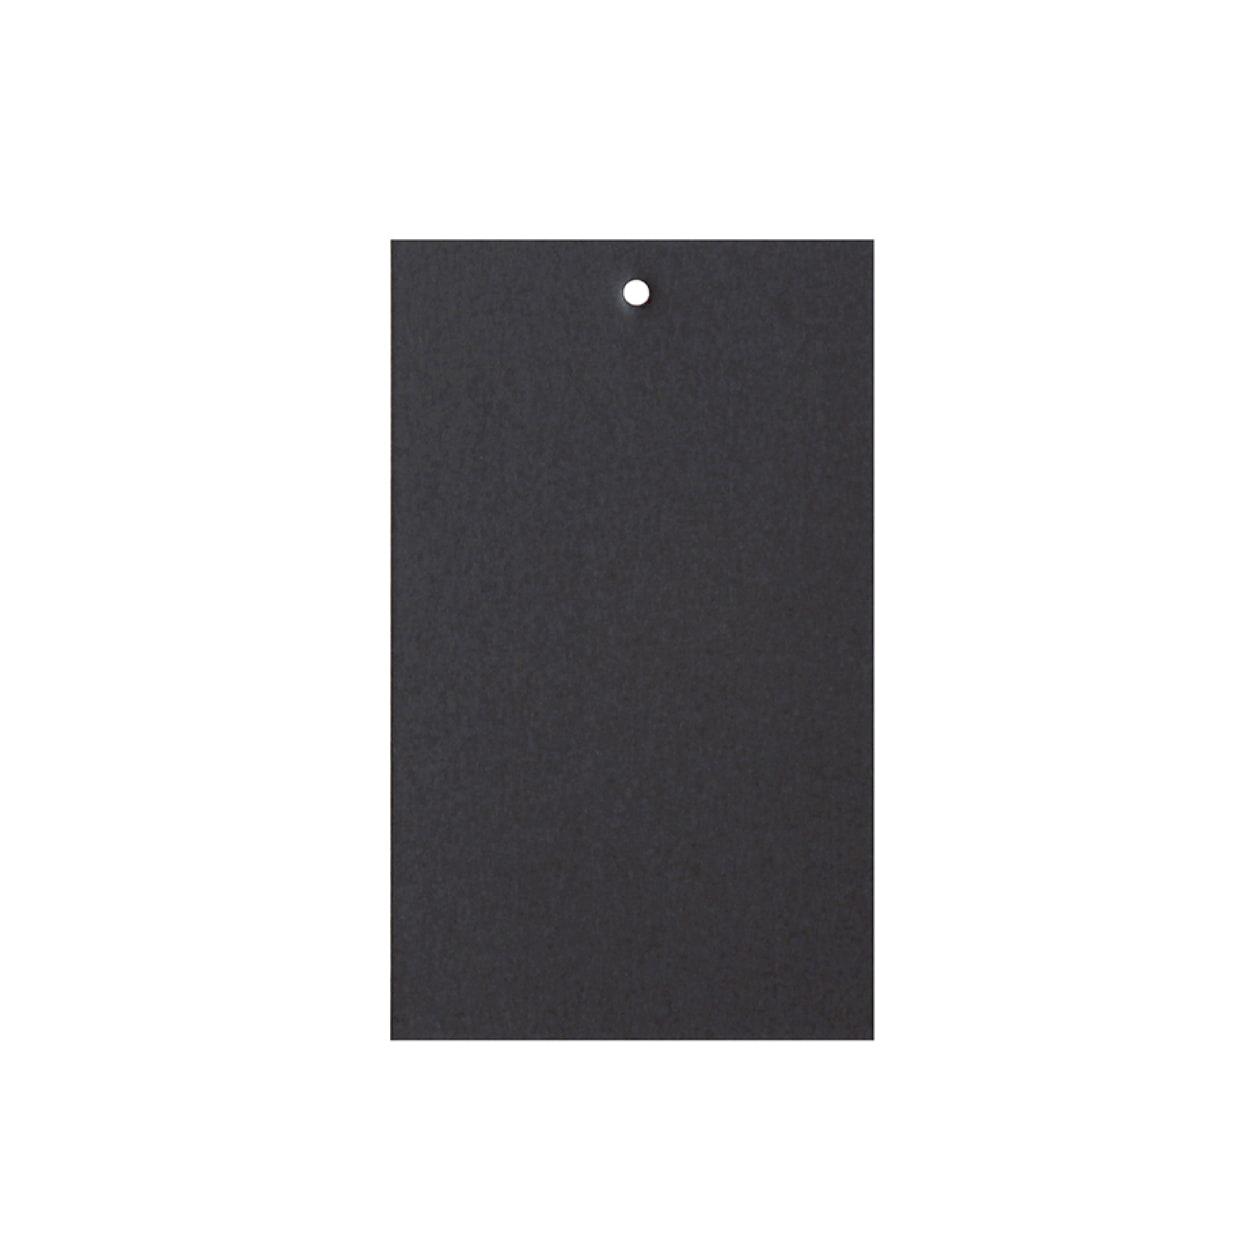 サンプル カード・シート 00063